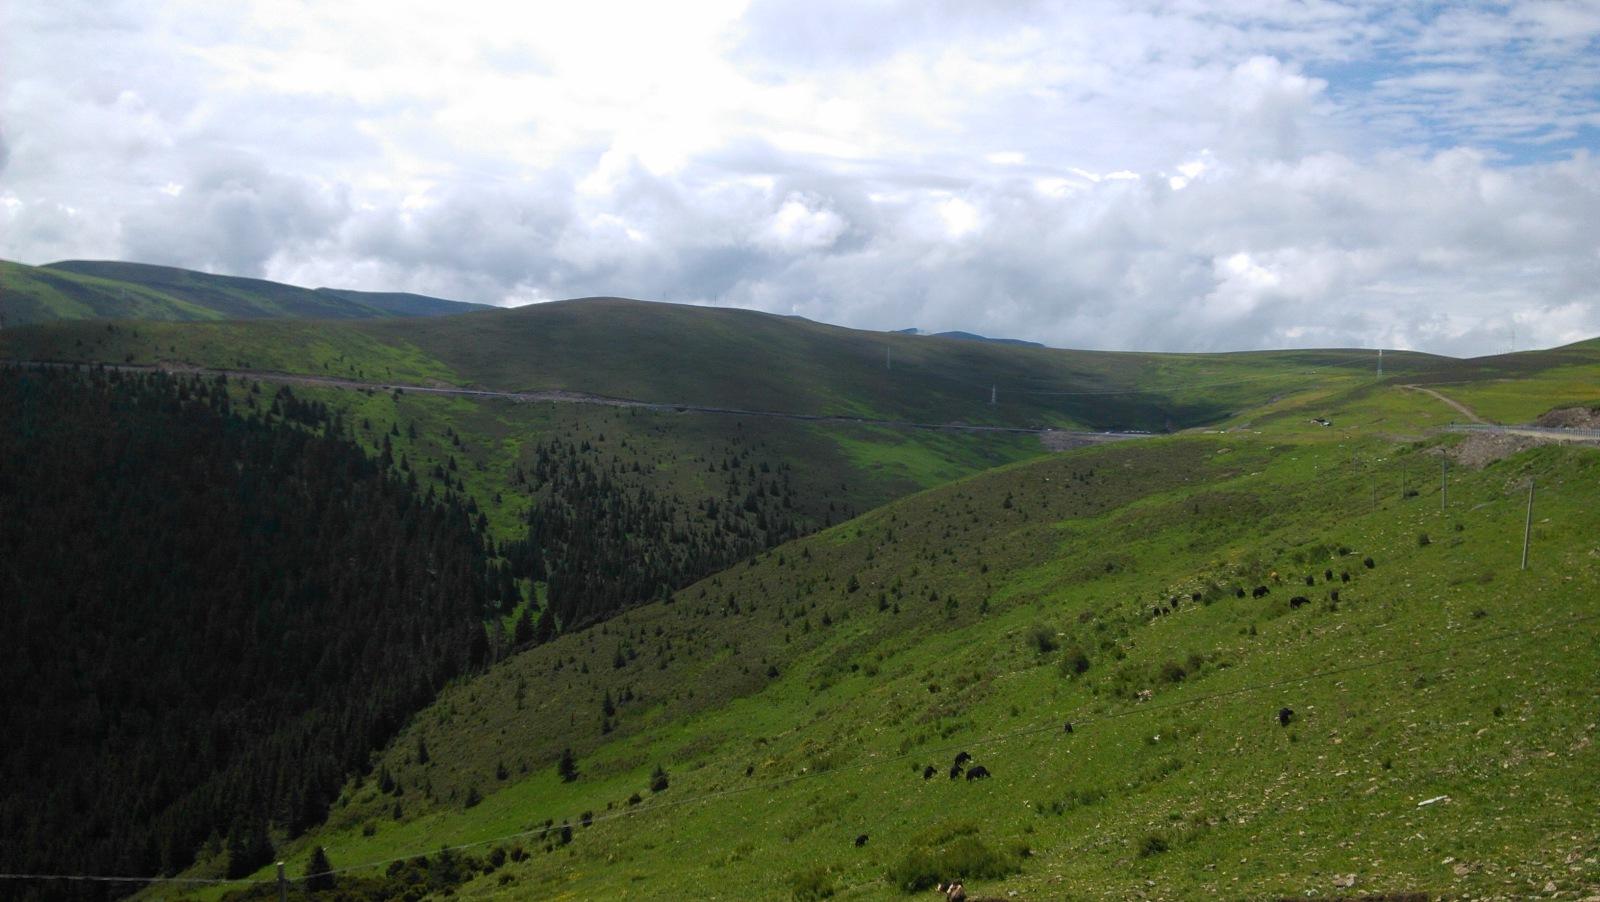 山谷还是有些高点的植被哈